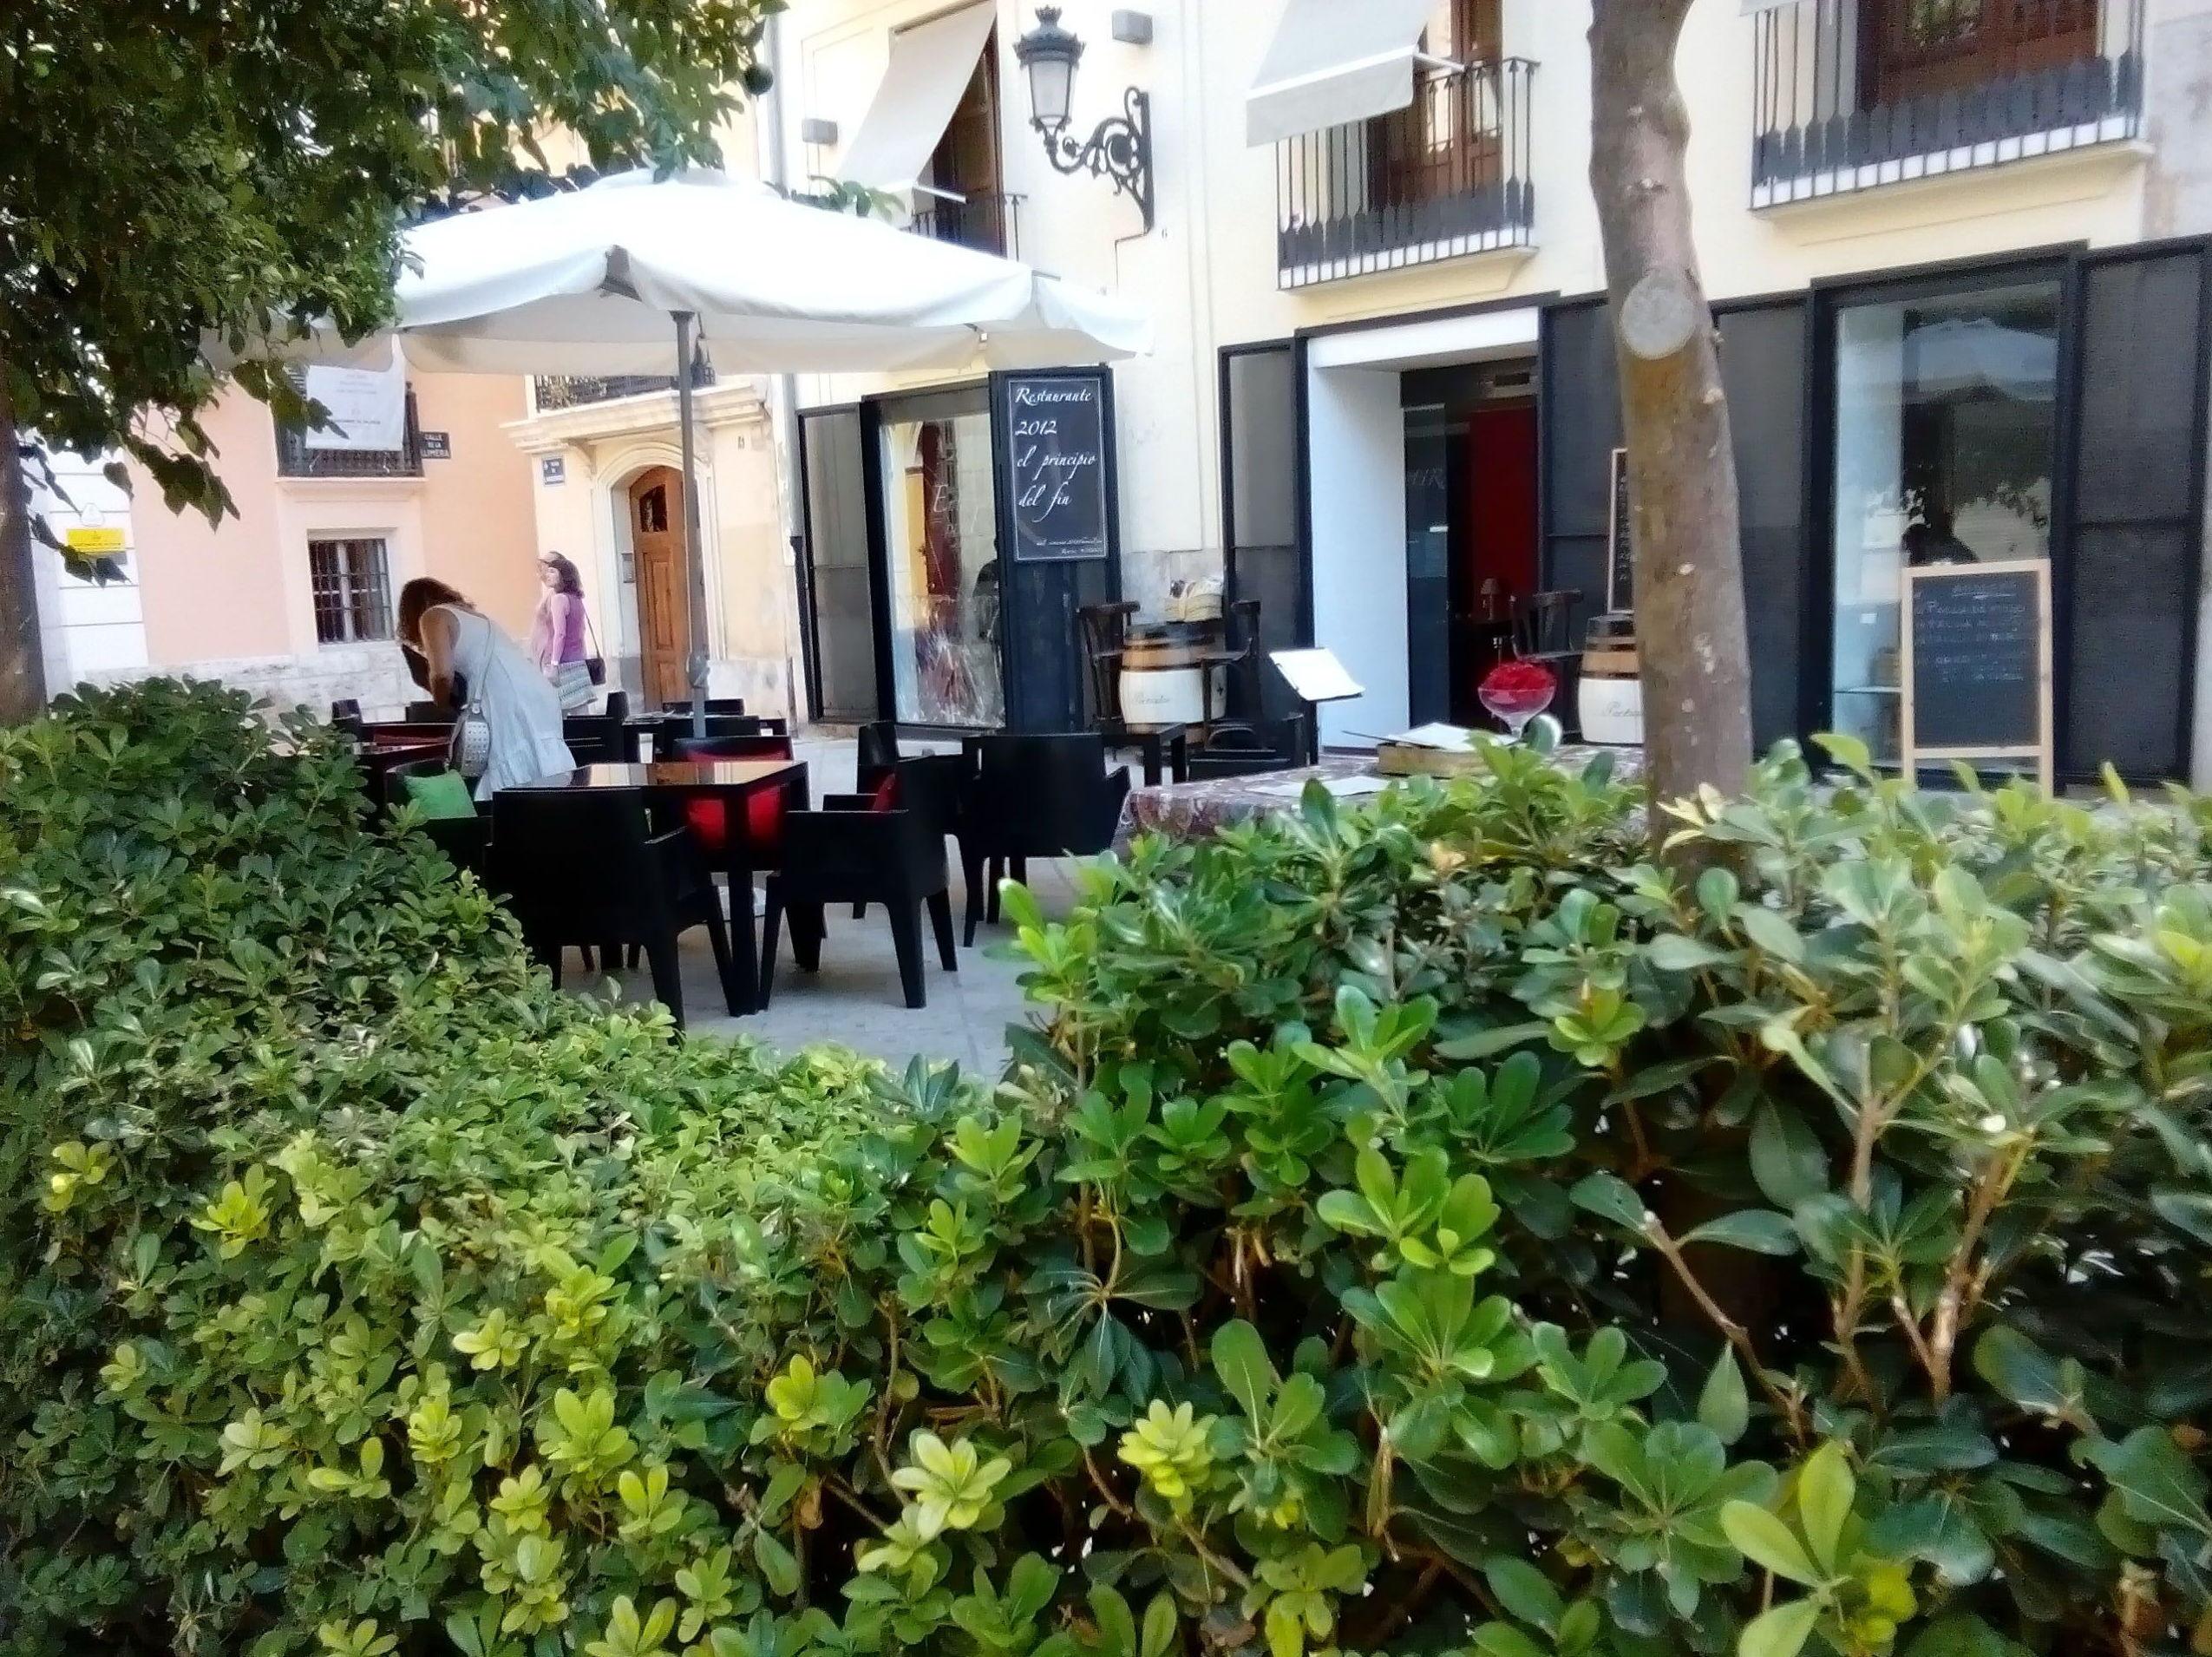 Foto 42 de Restaurante en Valencia | LOURDES ILLUECA DOBÓN